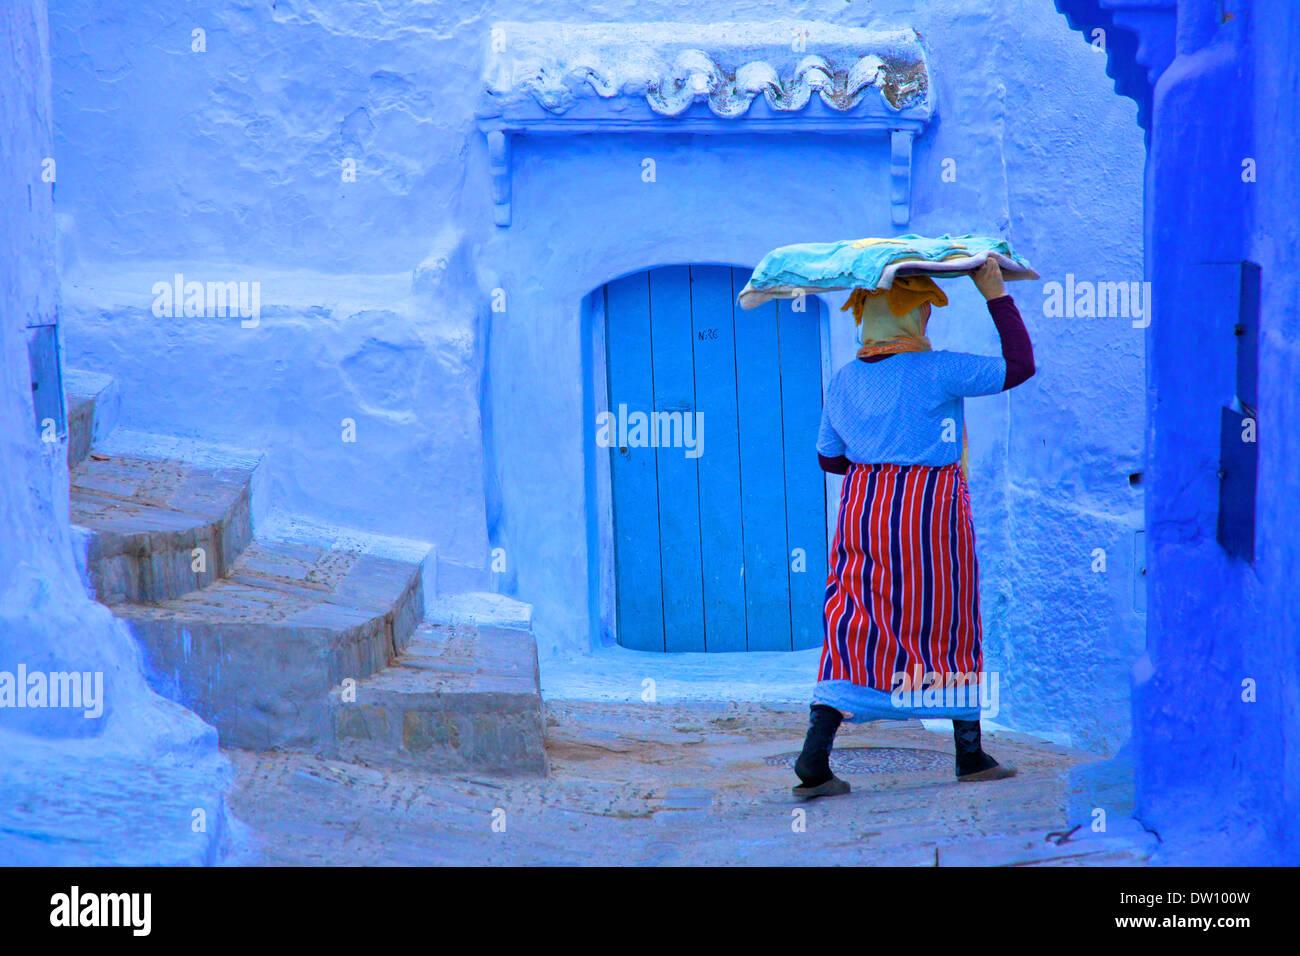 Frau In traditioneller Kleidung mit einem Tablett von Brot Teig, Chefchaouen, Marokko, Nordafrika Stockbild